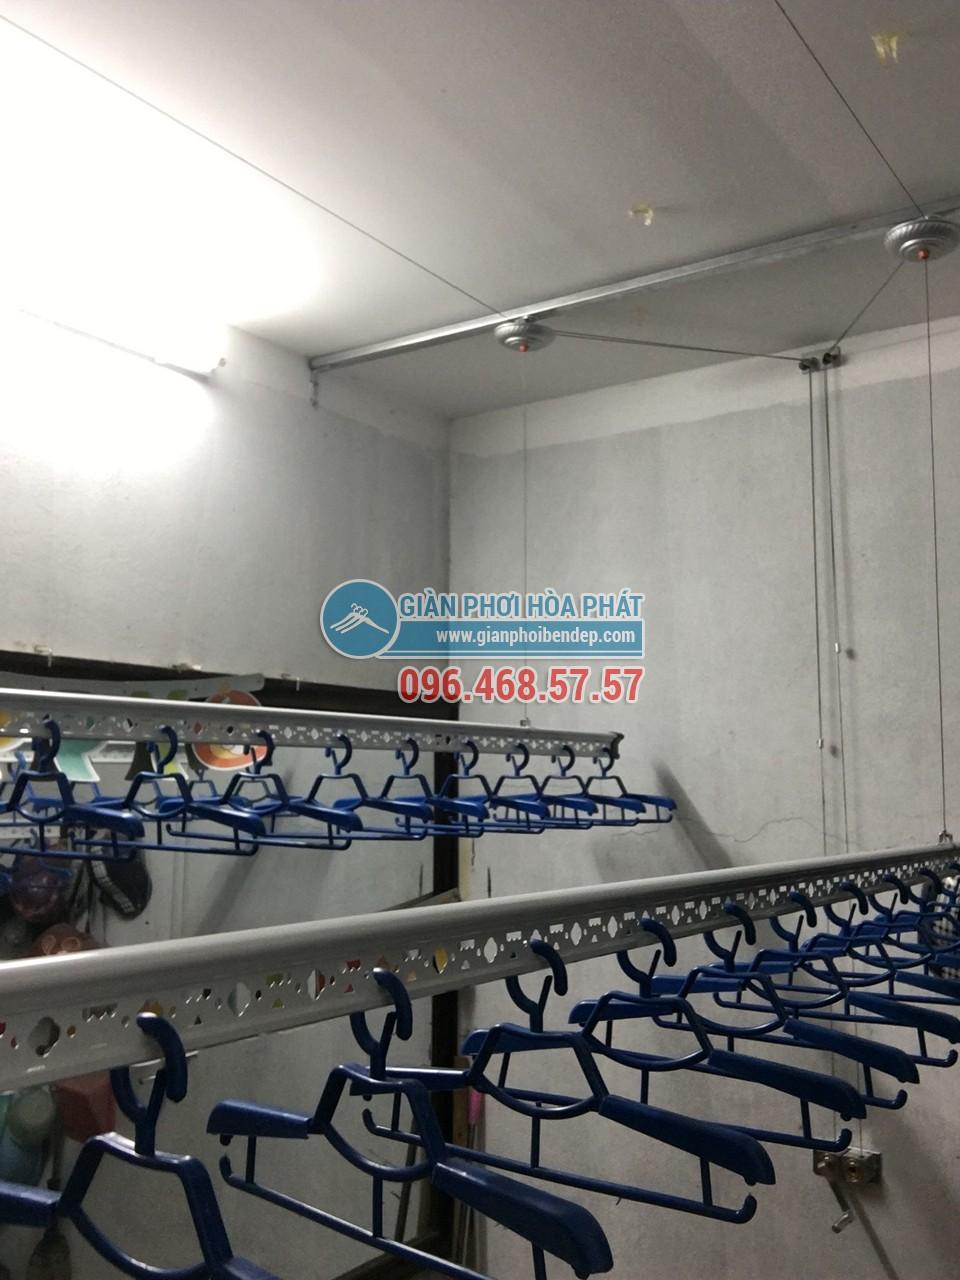 Hoàn thiện lắp đặt giàn phơi thông minh nhà cô Hoa, ngõ 238 Âu Cơ, Tây Hồ